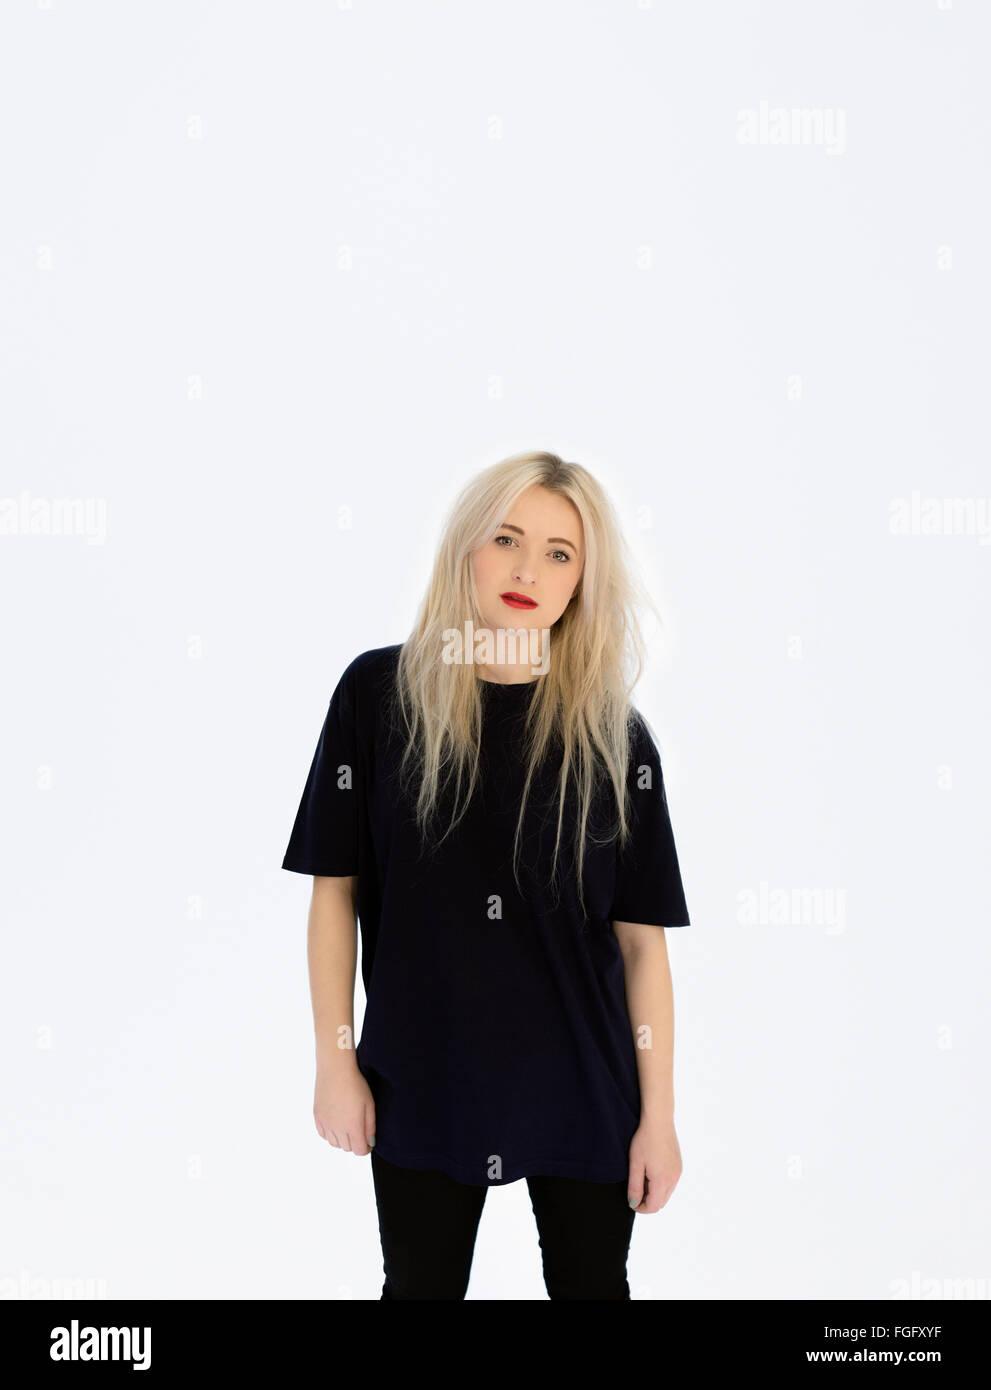 Retrato de una mujer vistiendo negro de pie contra un fondo completamente blanco Foto de stock